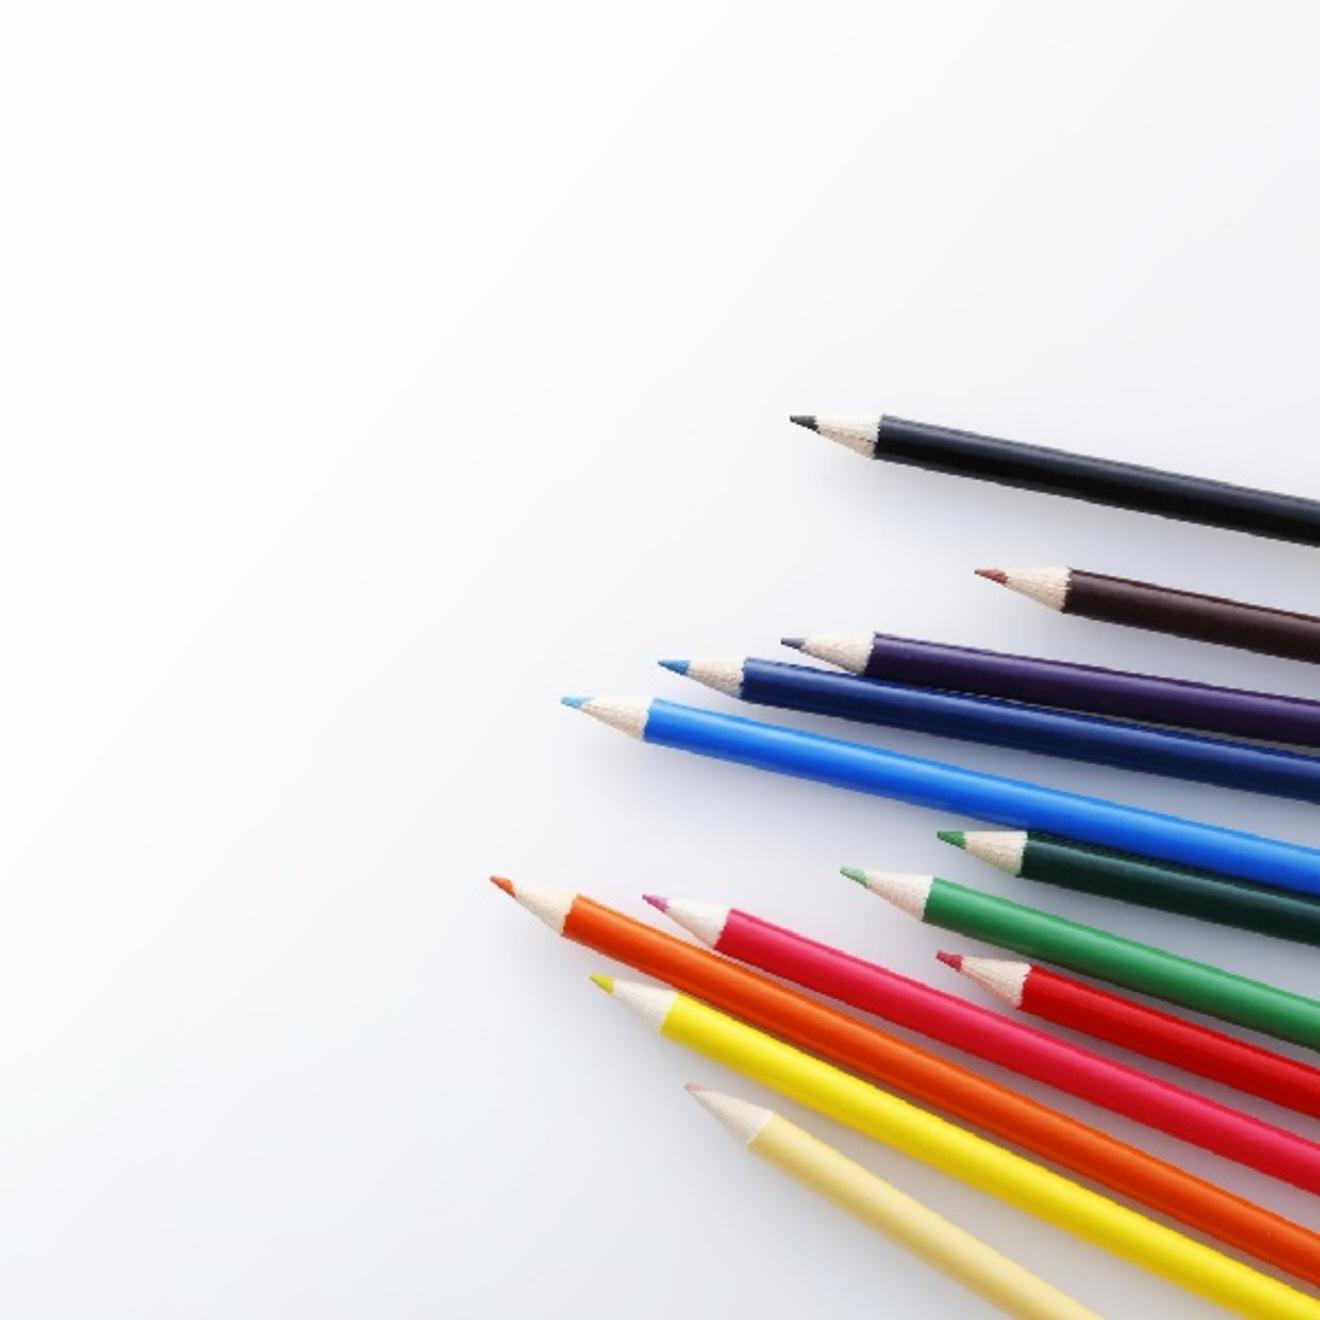 ビゴーを知るおすすめ本5選!教科書で一度は見たはず、風刺画家の人生とは